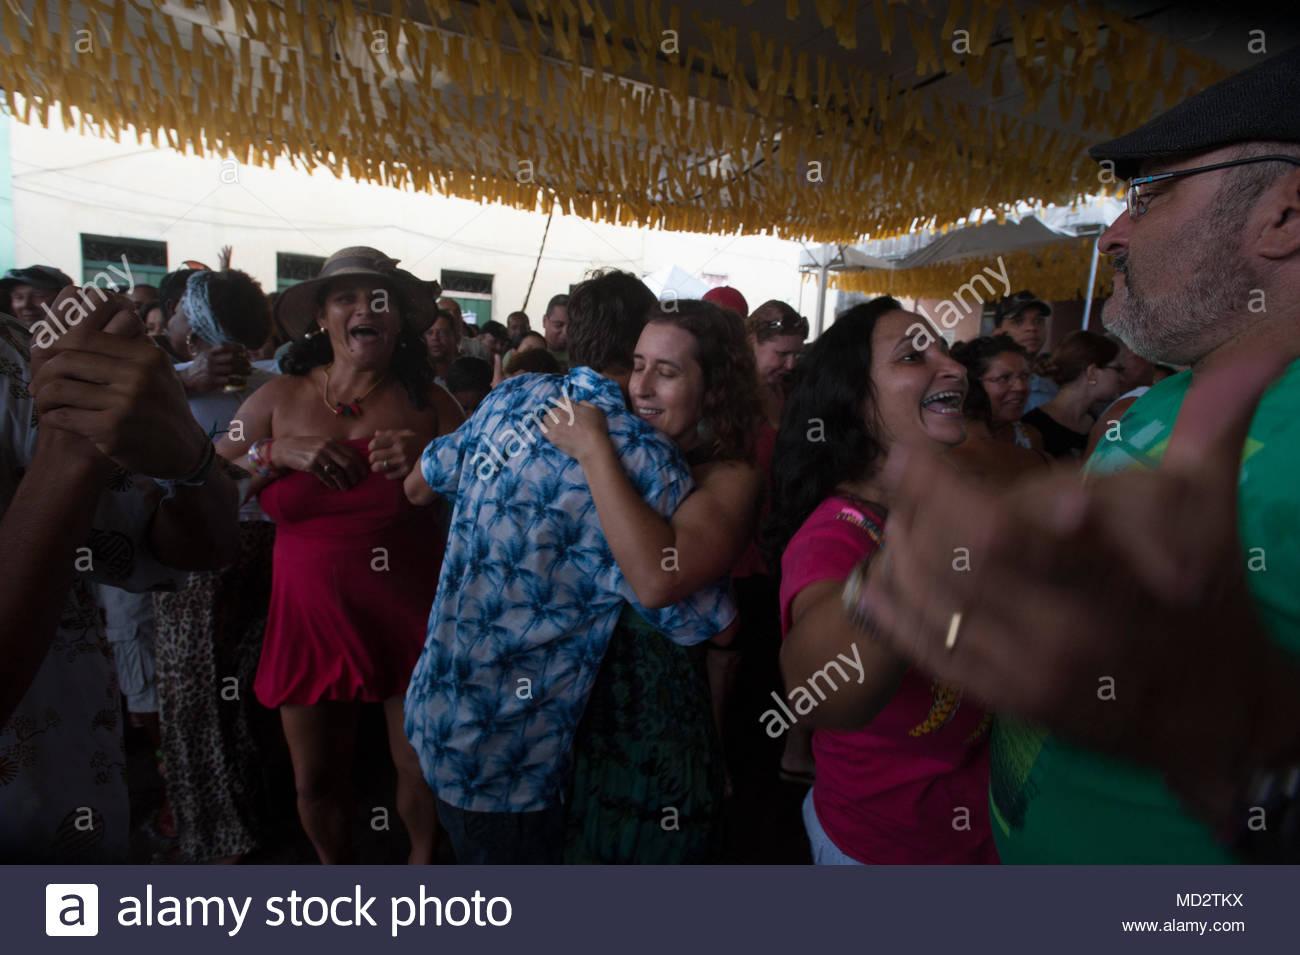 forró, the most famous Brazilian couple dance, salvador de